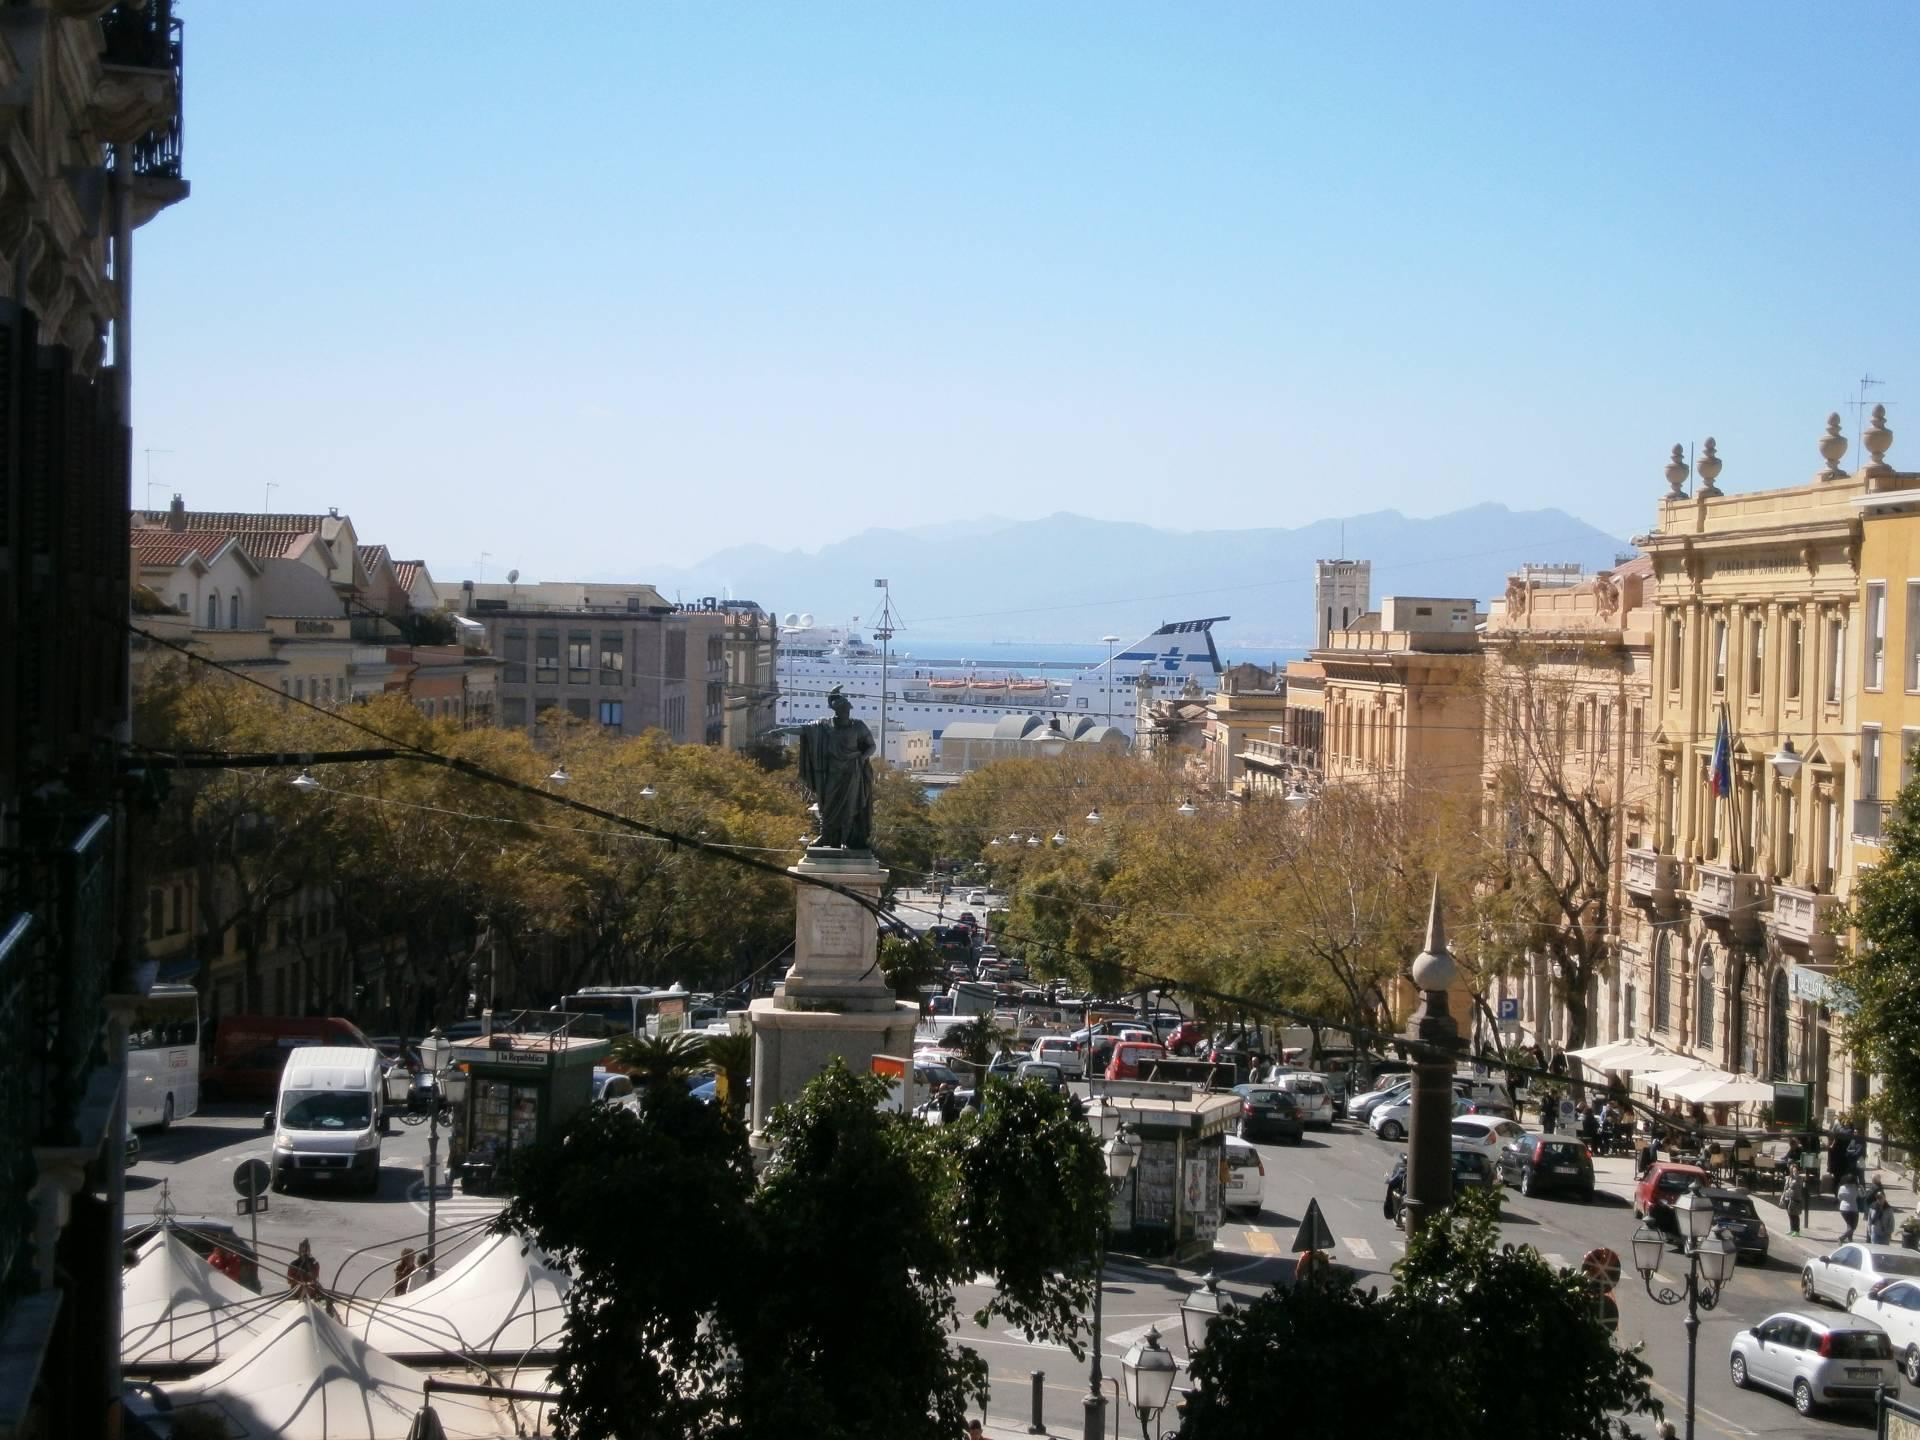 Appartamento in affitto a Cagliari, 3 locali, zona Zona: Castello, prezzo € 850 | Cambio Casa.it